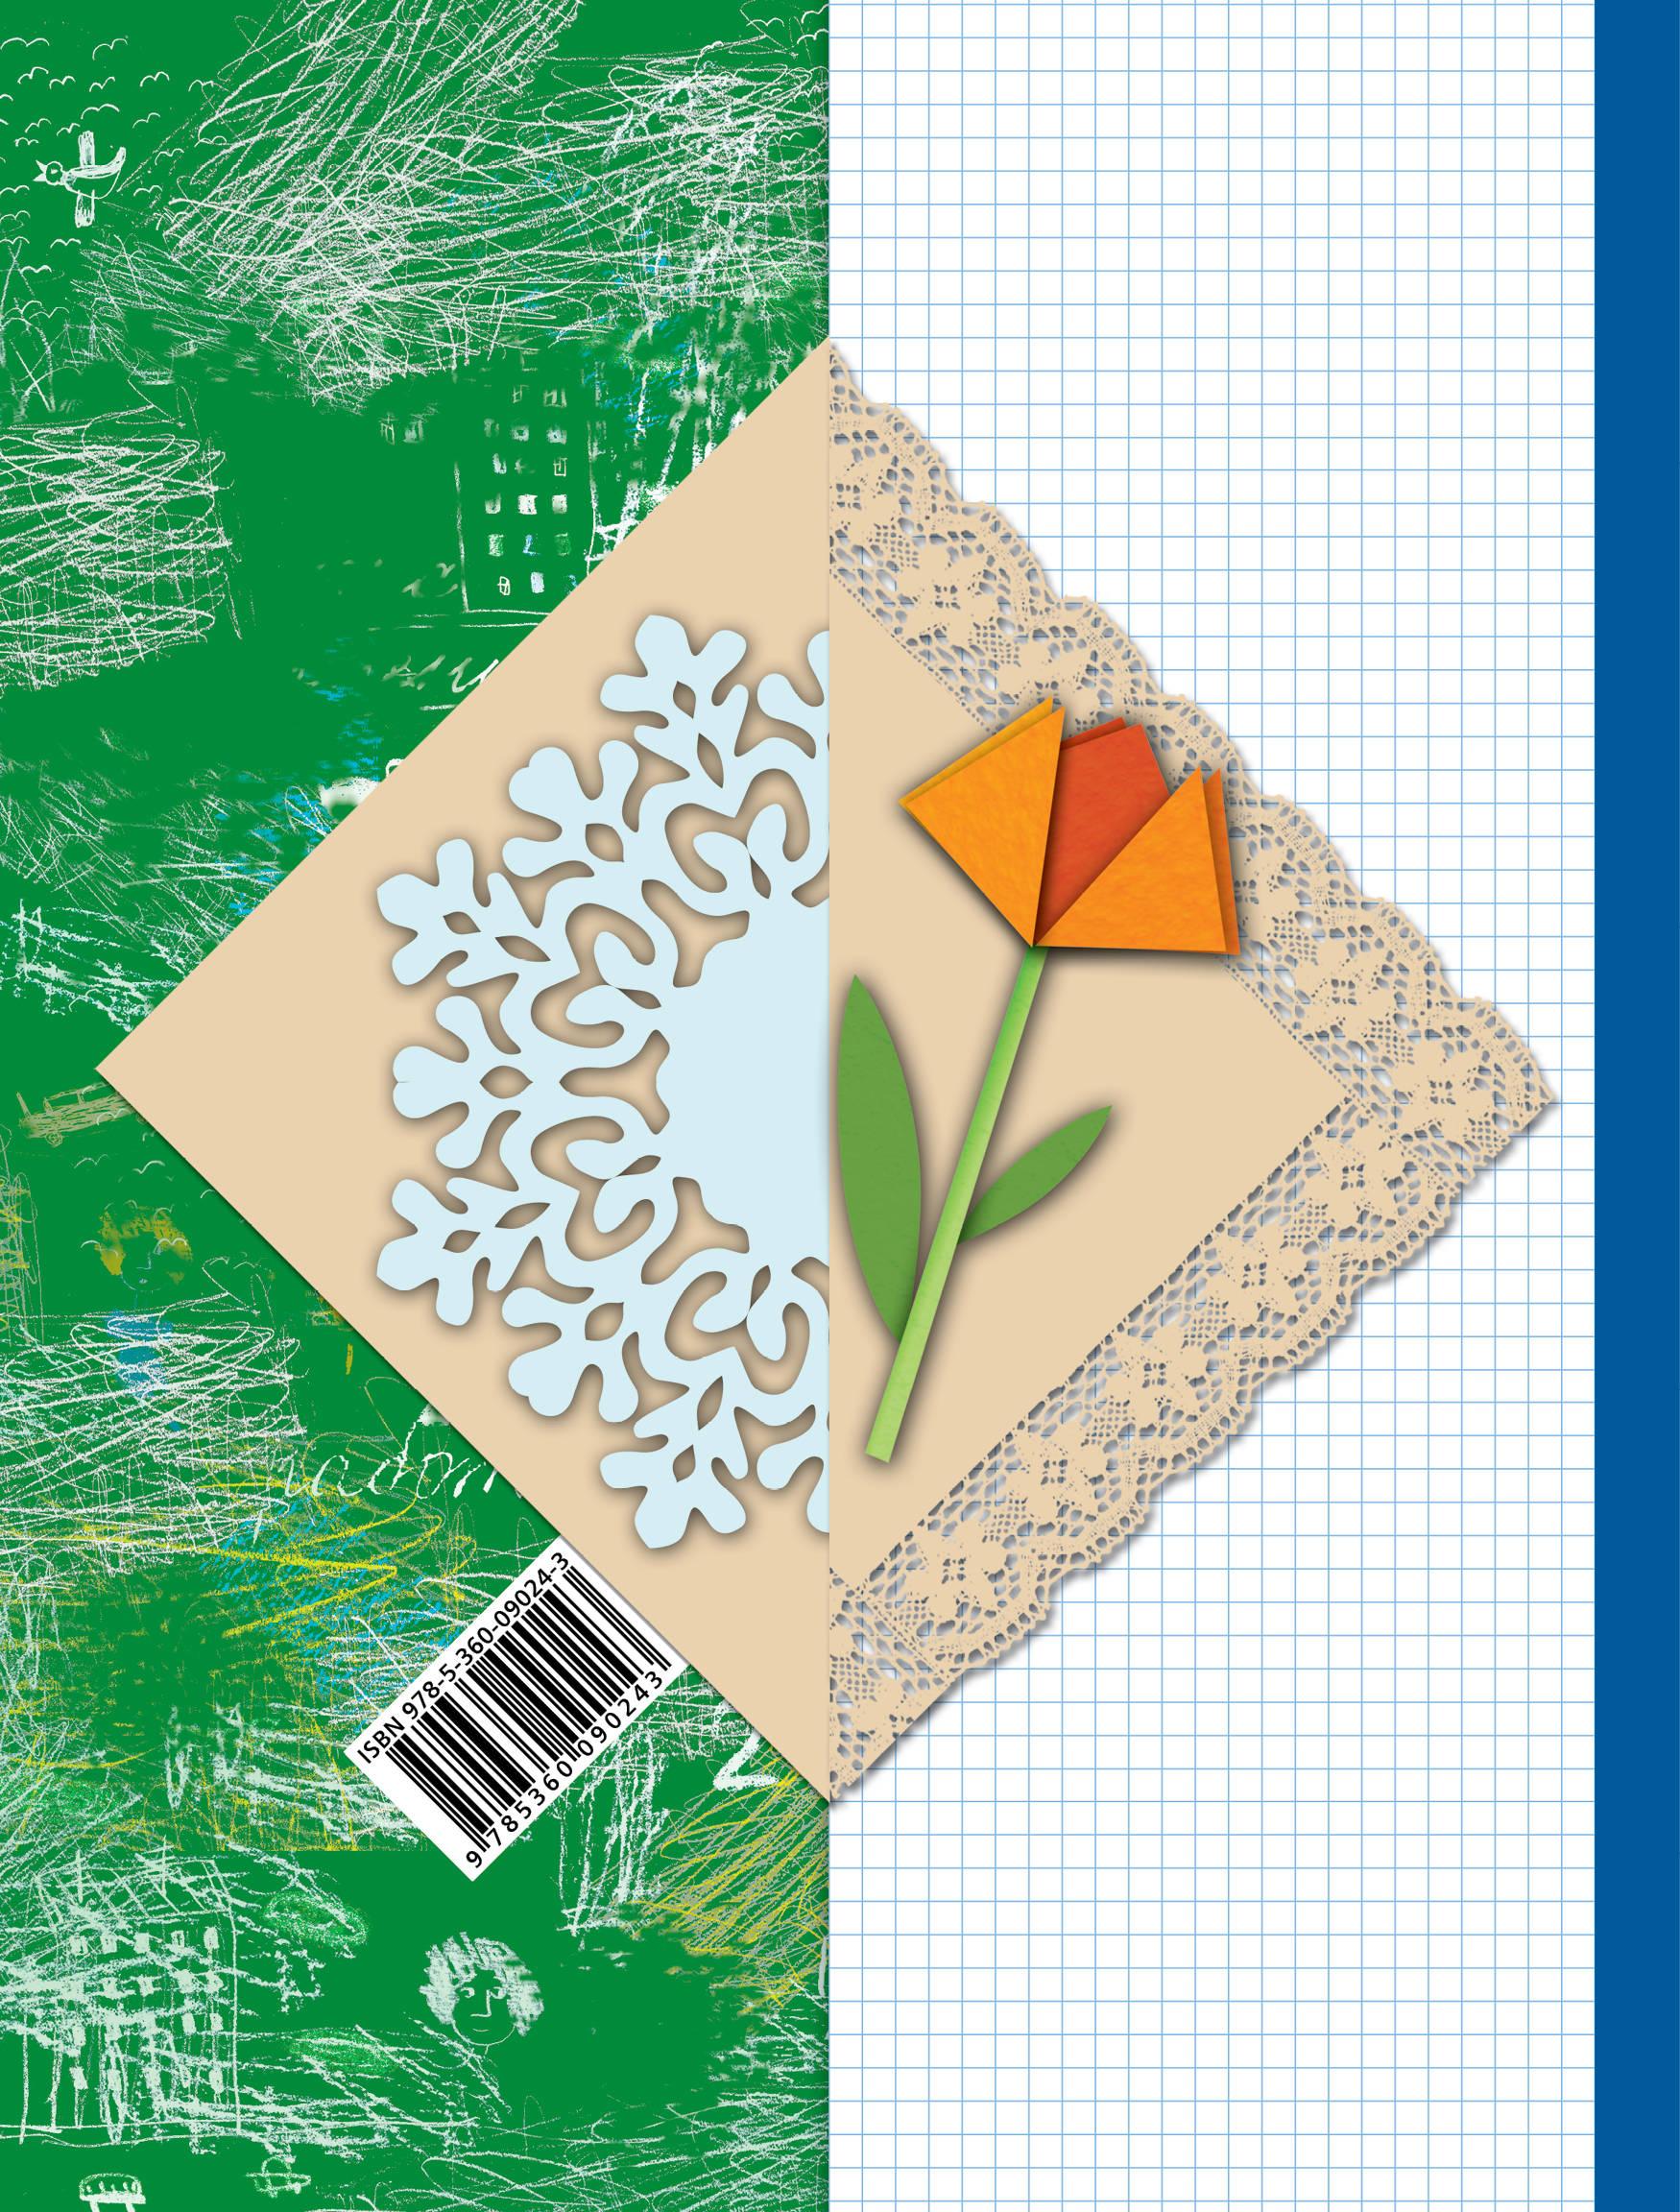 Открытка с сюрпризом 2 класс технология школа 21 века, открытки днем